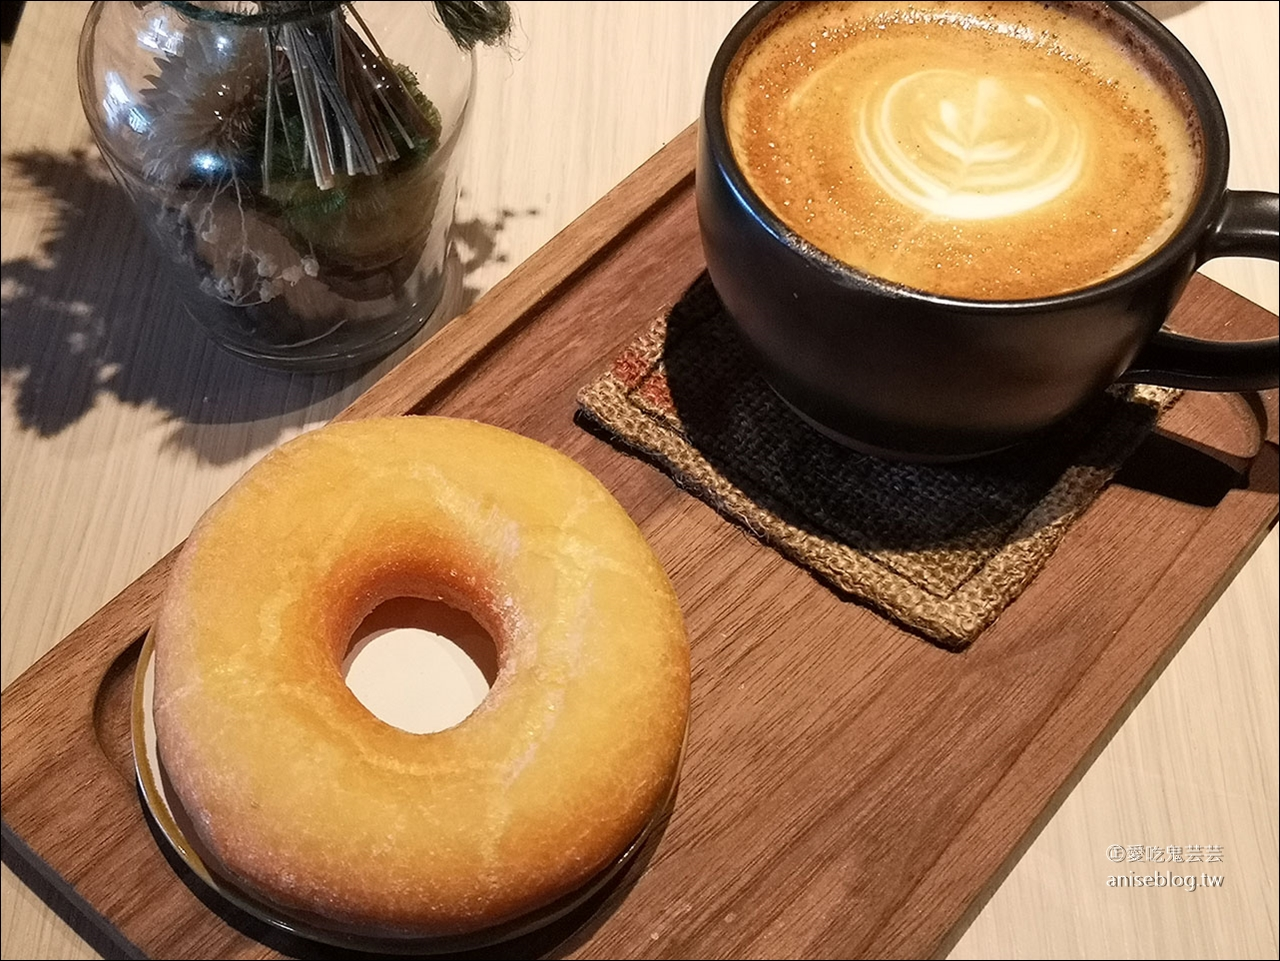 小米甜甜圈-米沙路娃娃 ( 霧台神山部落魔法甜點),等待三小時的超人氣甜甜圈